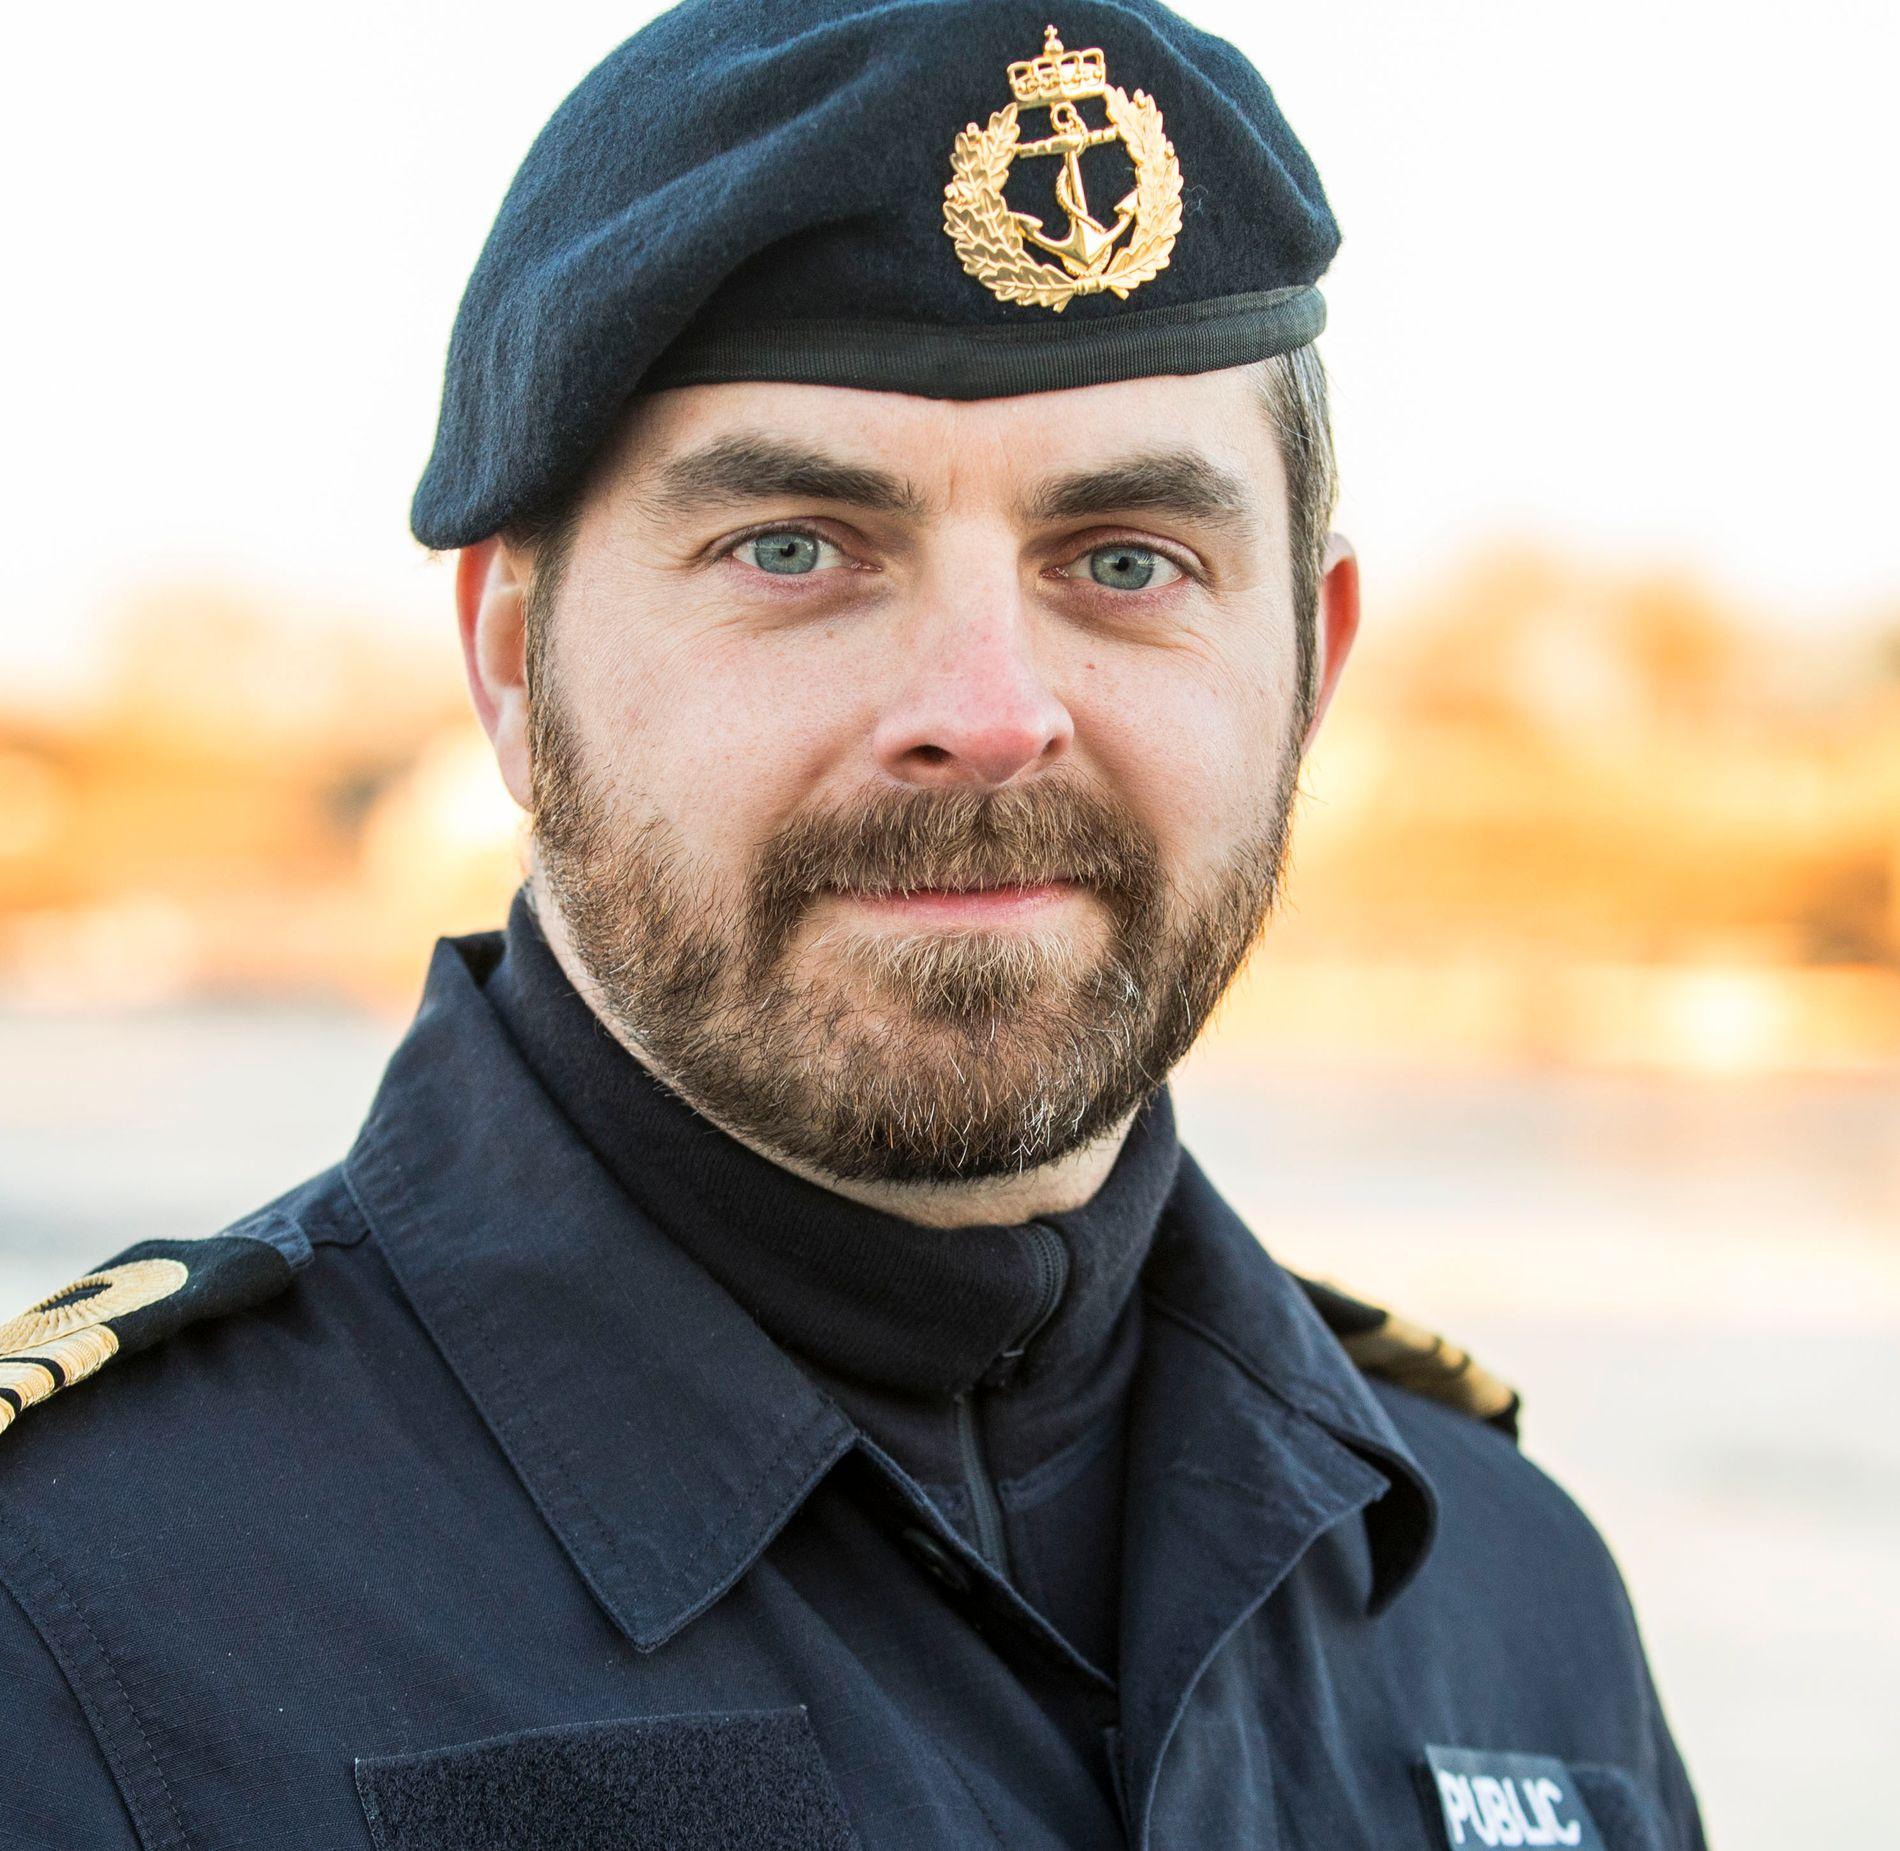 PRESSEOFFISER: Thomas Gjesdal i marinen hørte  lørdag kveld samtalen før kollisjonen. - Det gjør inntrykk, sier han.